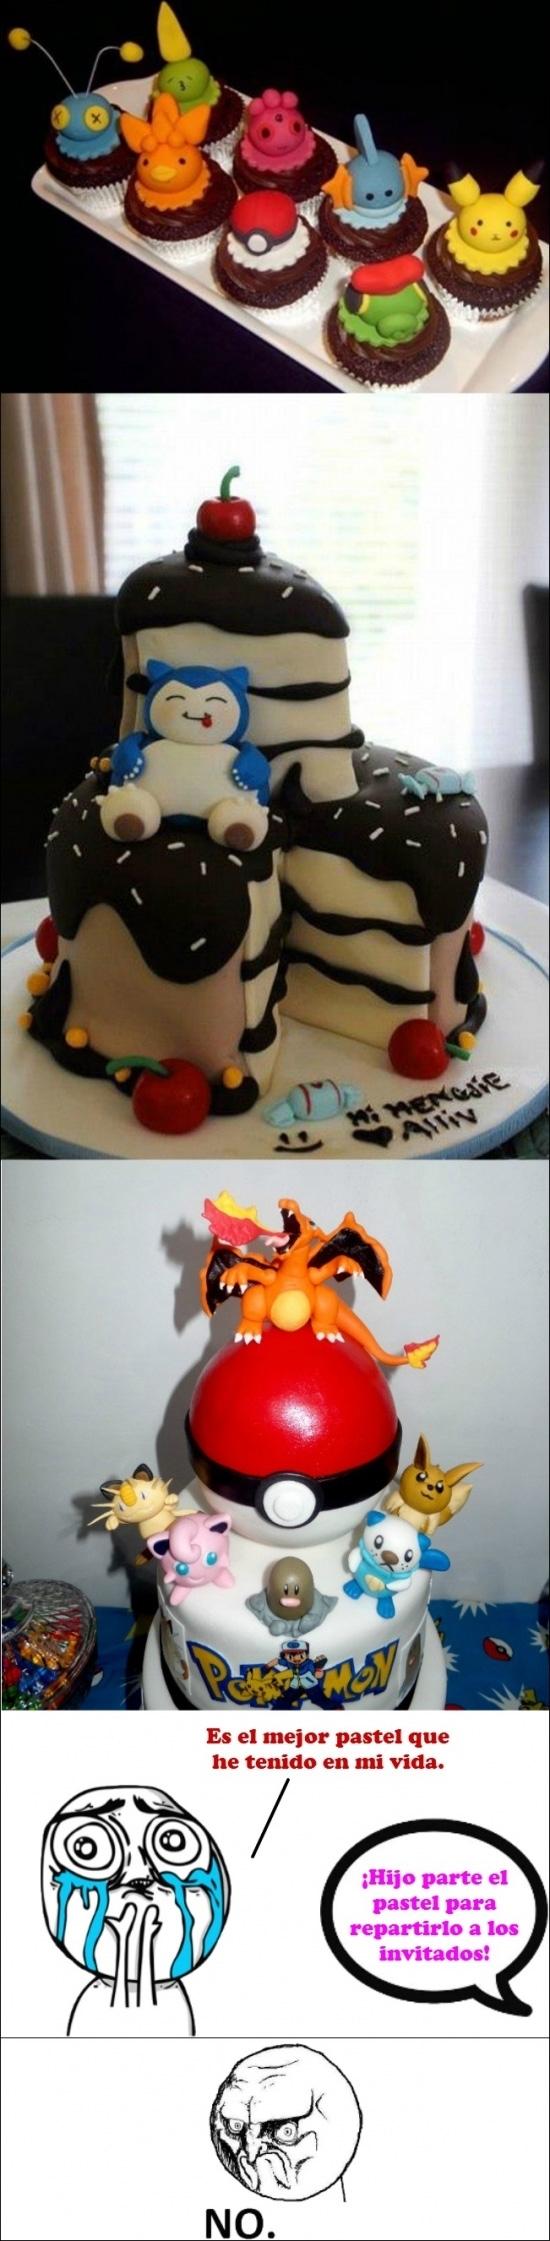 No - Cuando el pastel es tan bonito que da pena cortarlo